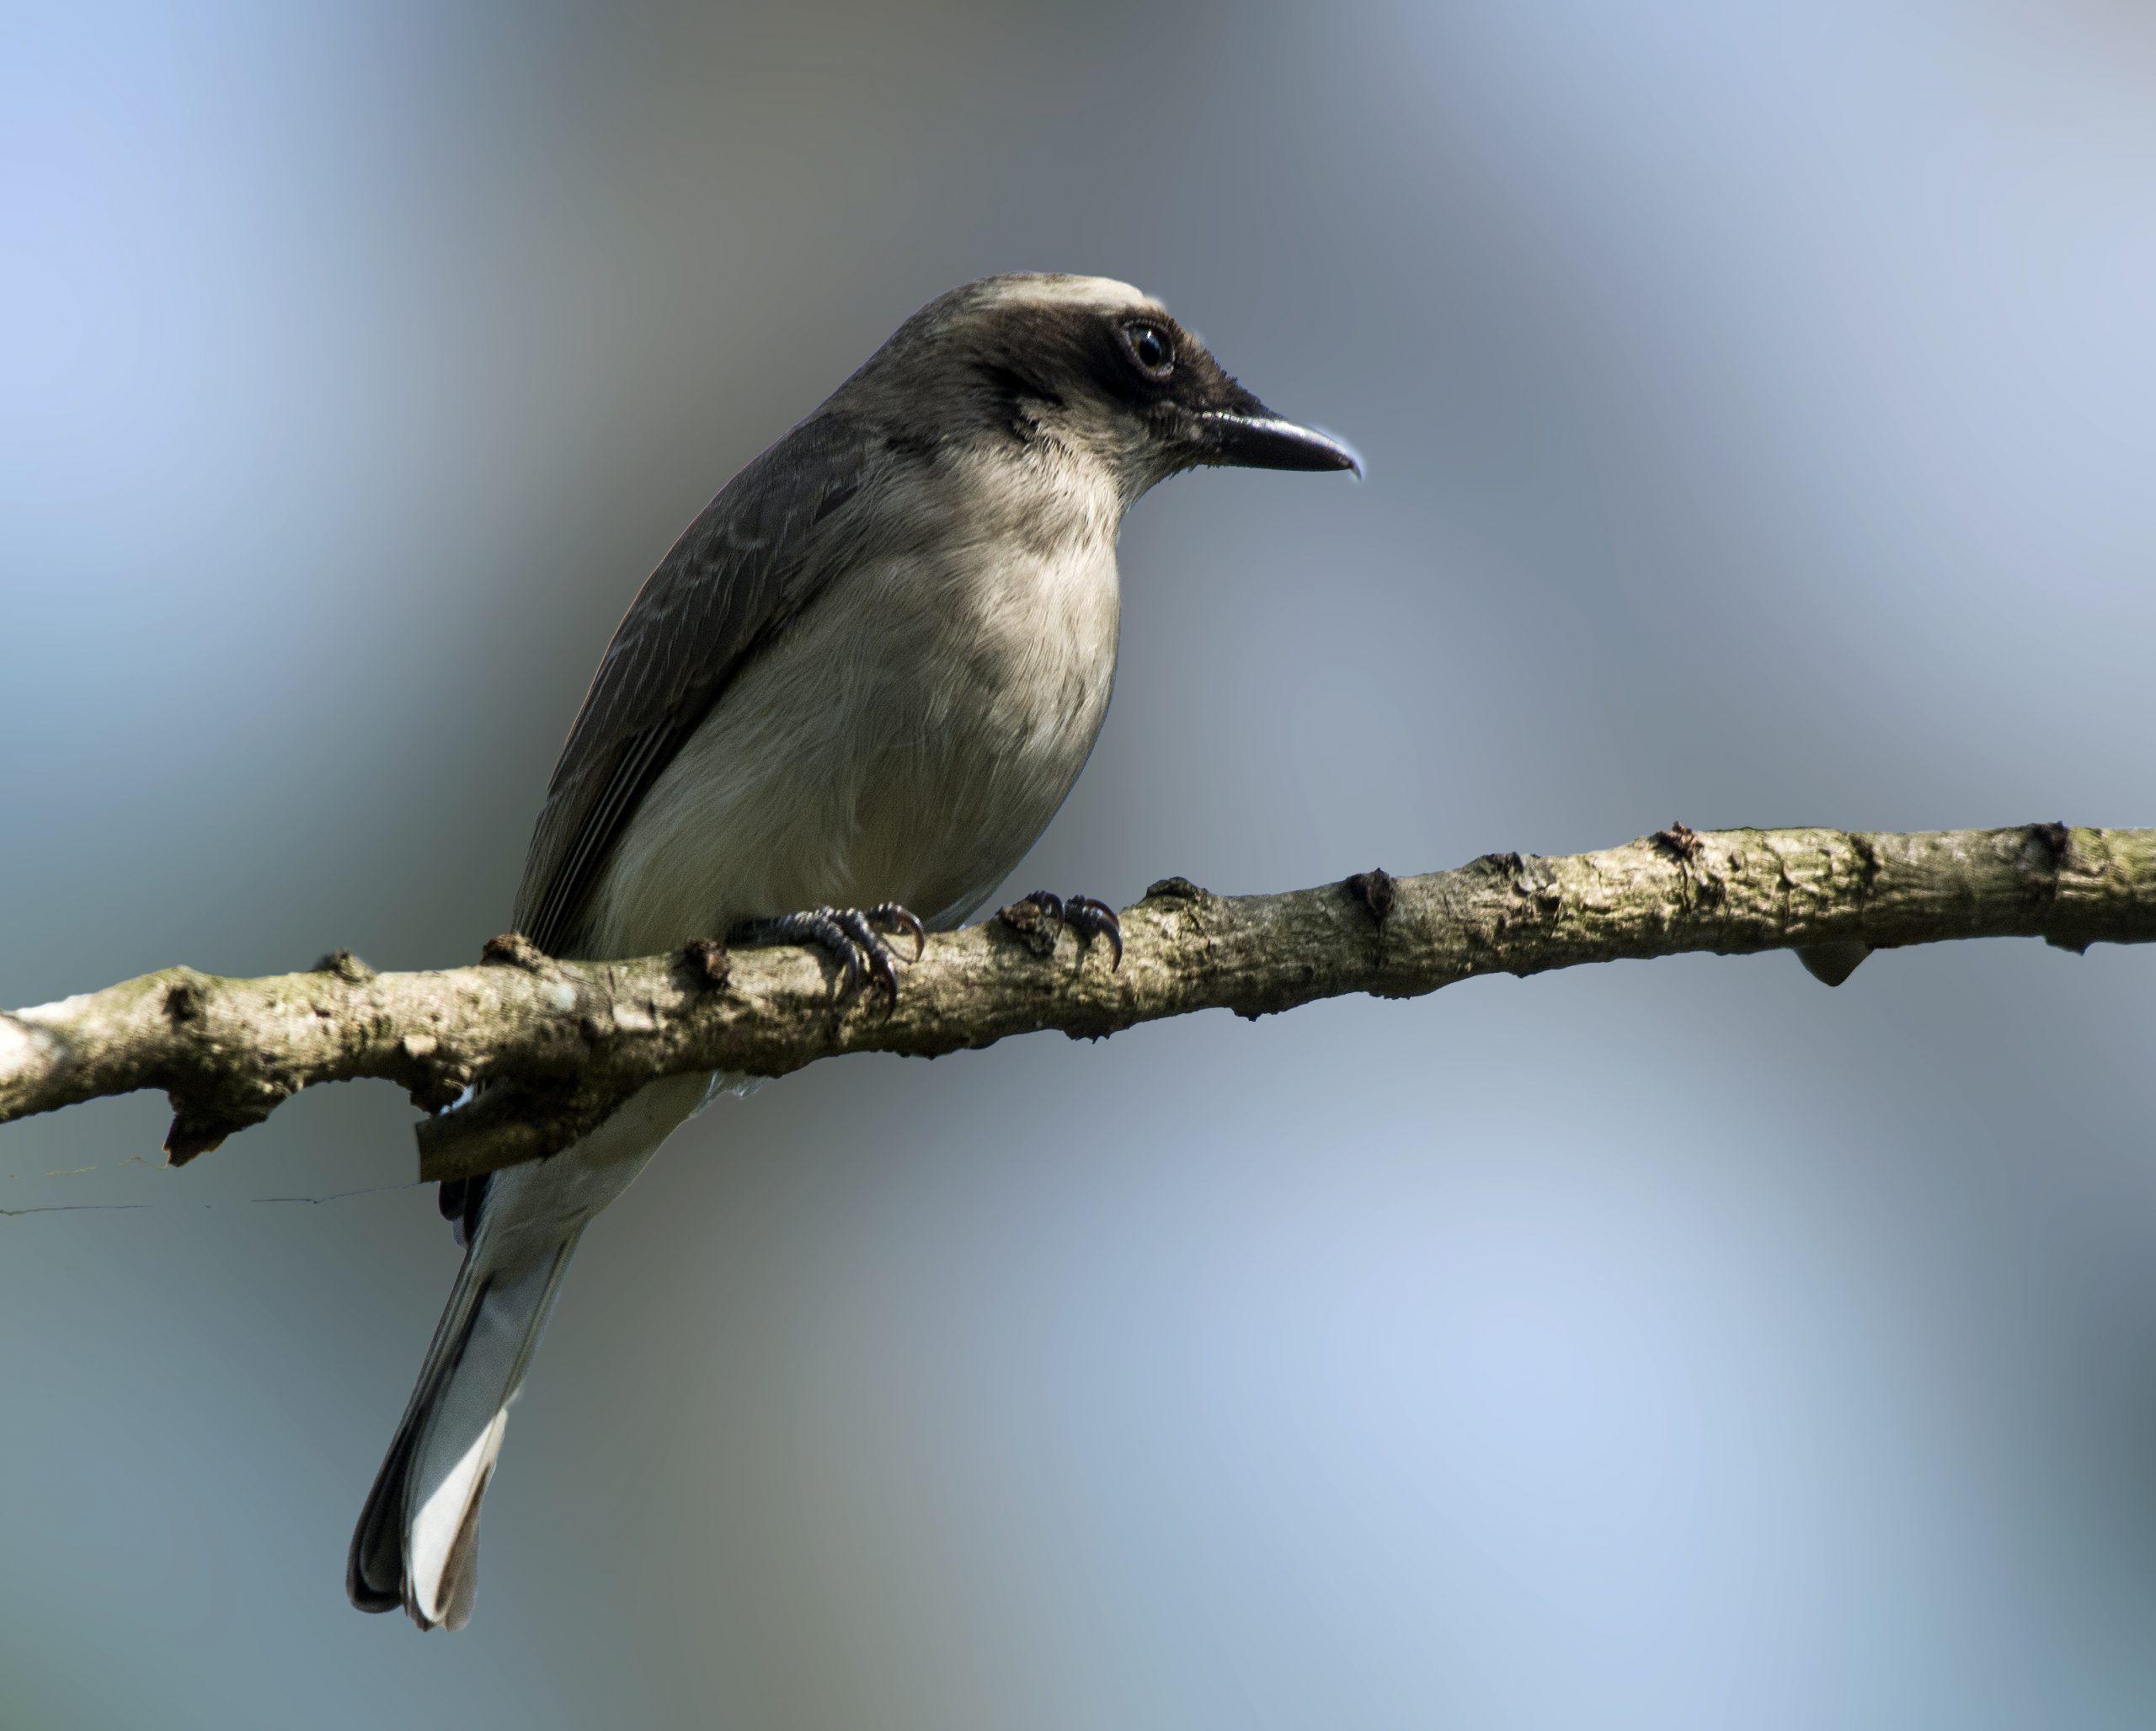 Common Woodshrike on a Stick